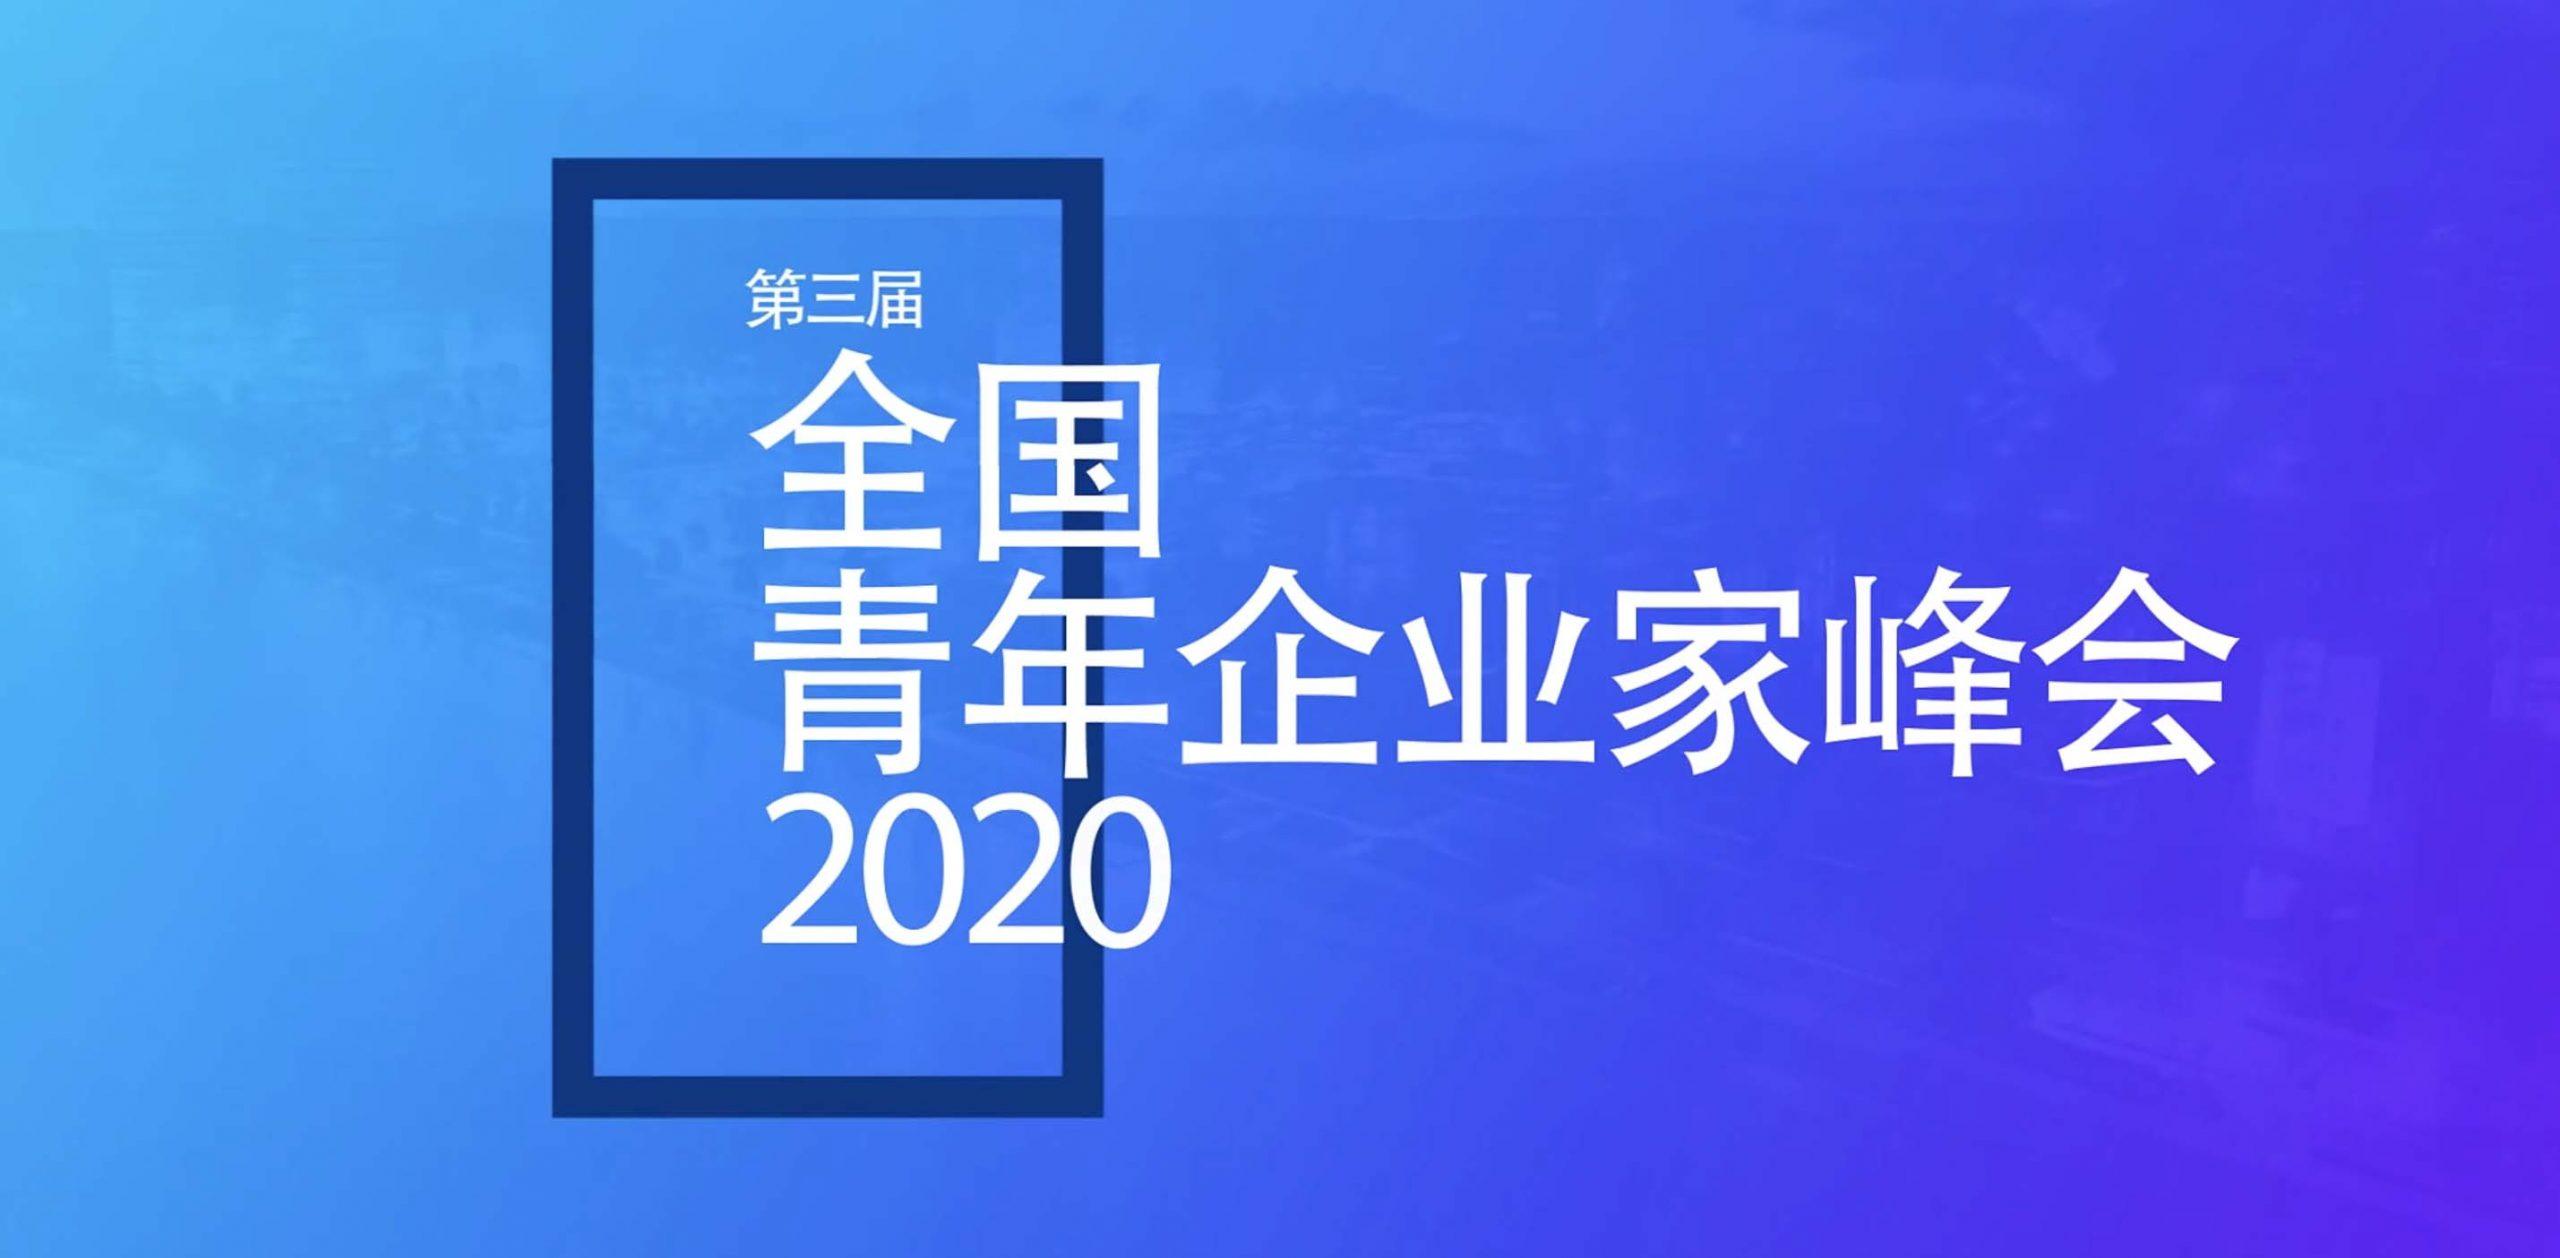 25日,第三届全国青年企业家峰会将在福州召开!马云 曹德旺 郭广昌 周鸿祎等商业大佬将出席